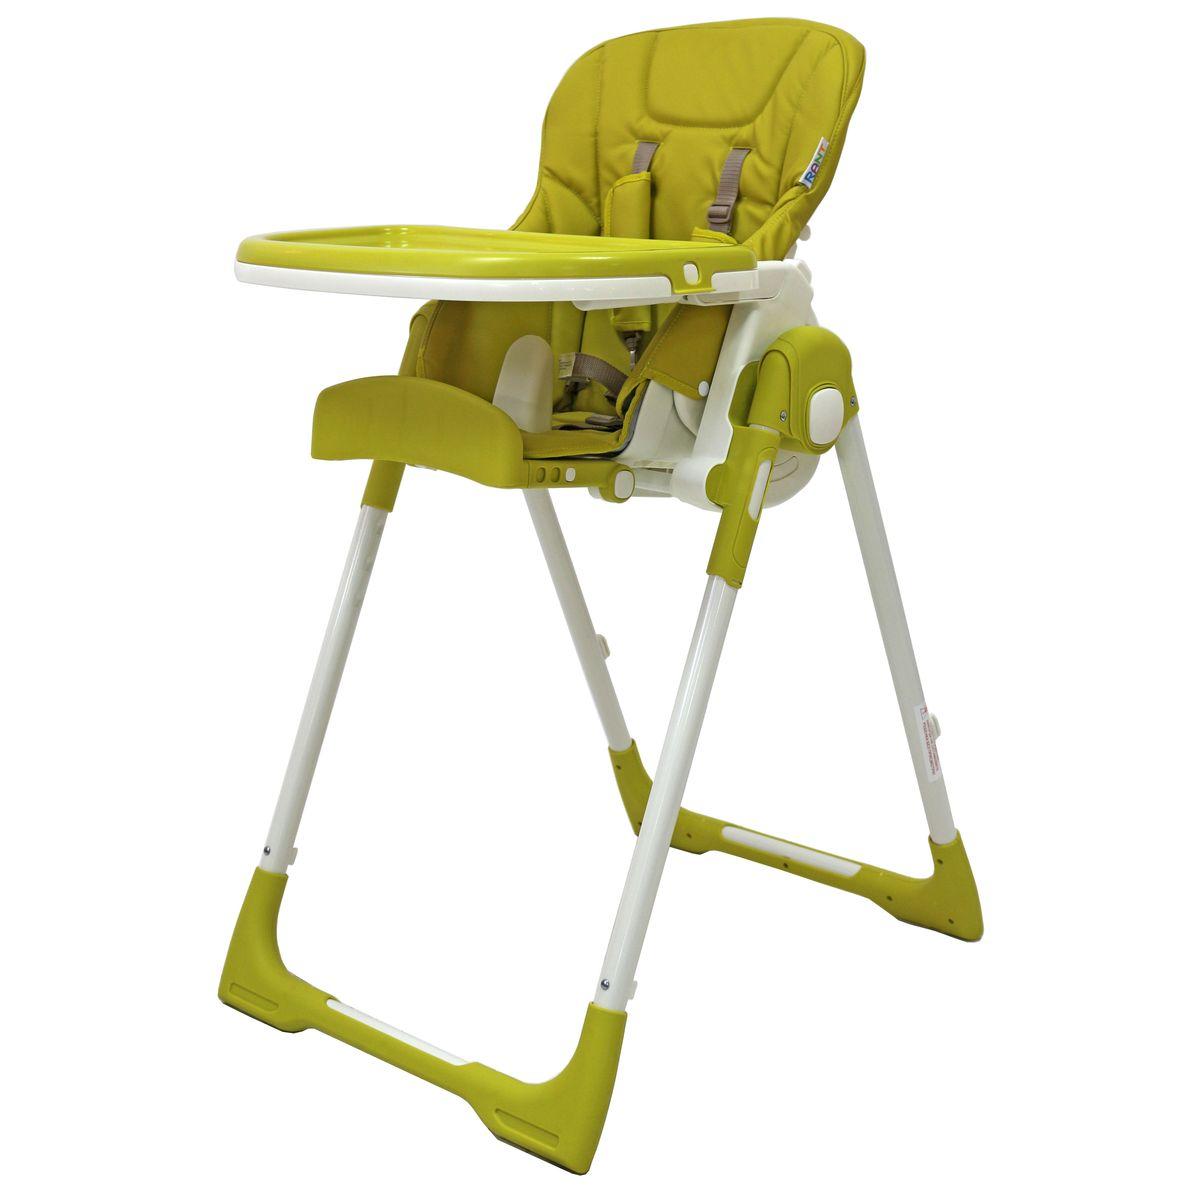 Rant Стульчик для кормления Crystal ЭкоКожа цвет салатовый4630008877487Стульчик для кормления CRYSTAL - удобный, многофункциональный и практичный стульчик, предназначенный для детей с 0 и до 3-х лет. Он легко трансформируется в шезлонг, поэтому его можно использовать с рождения, а в возрасте 6 месяцев малыш сможет кушать сидя в этом стульчике. Спинка сидения имеет несколько уровней наклона. От положения «лежа» до положения «сидя». Если малыш устал и задремал во время кормления, можно легко, не разбудив его, опустить спинку сидения в положение лежа. Сиденье стульчика регулируется по высоте, обеспечивая быстрорастущему малышу удобство и комфорт. Когда ваш малыш подрастет, он будет счастлив сидеть на этом стульчике за одним столом вместе со взрослыми. Для этого вам всего лишь надо будет снять столешницу. Стульчик можно использовать как для кормления, так и для веселых игр, если расположить на подносе любимые игрушки ребенка. Съемный чехол сиденья изготовлен из высококачественной и долговечной экокожи. Легко моется, не деформируется и не выгорает от...